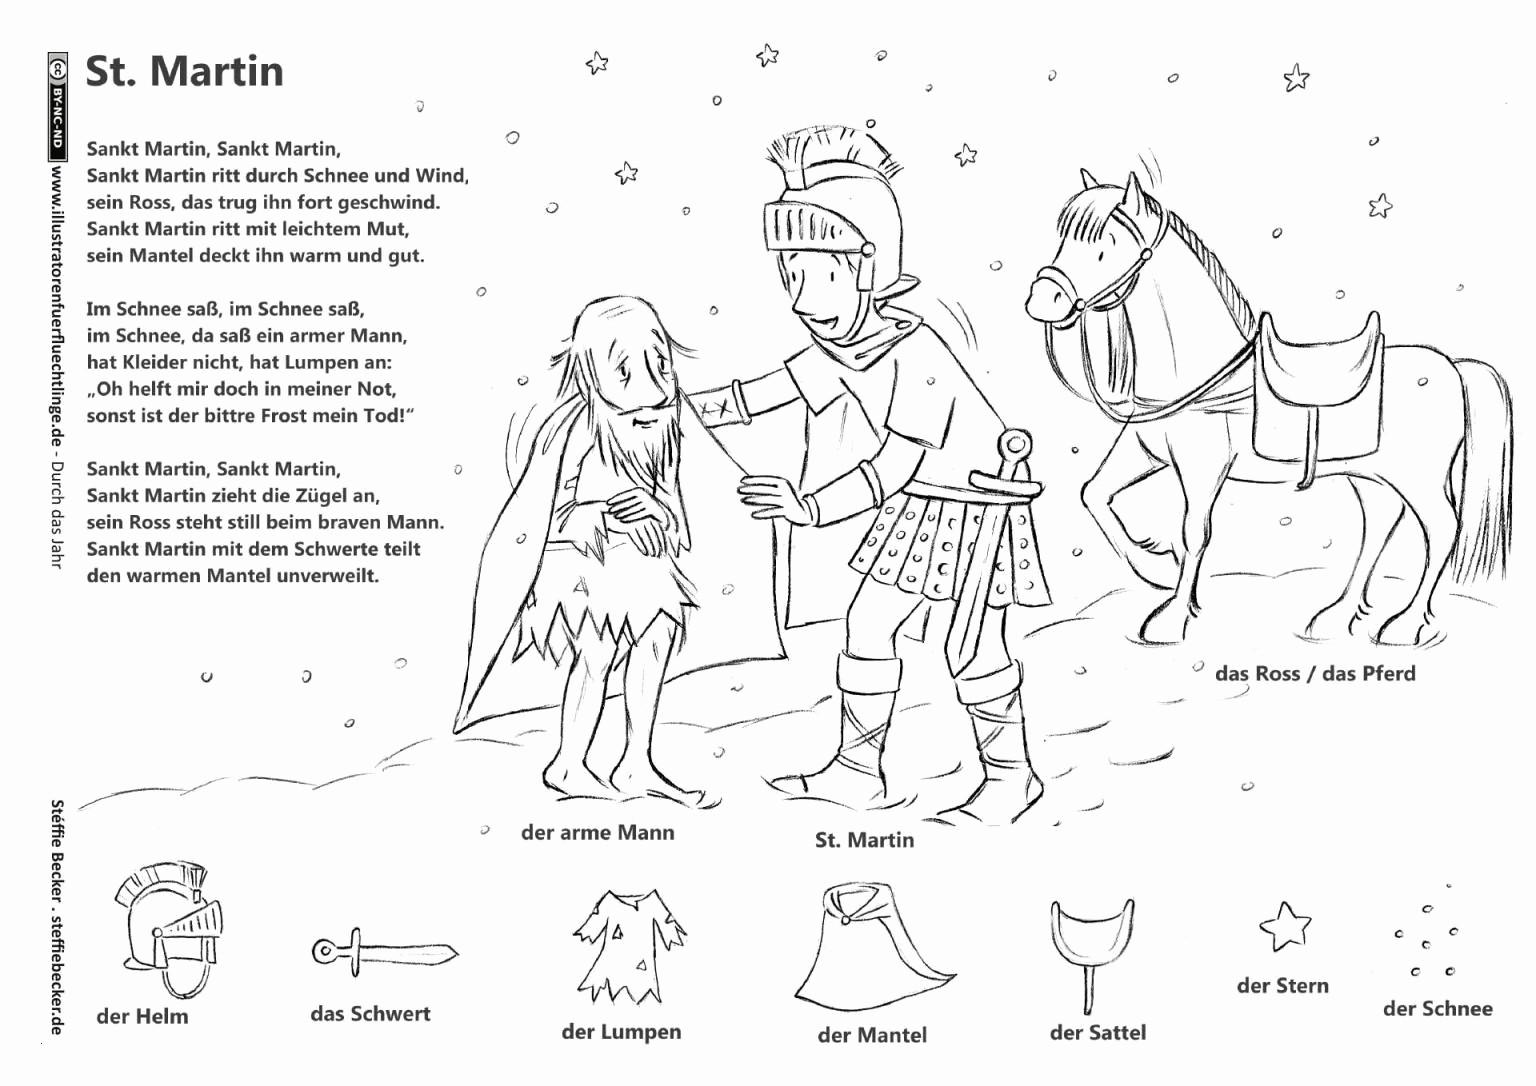 Elsa Bilder Zum Ausdrucken Das Beste Von Elsa Zum Ausmalen Frais Bayern Ausmalbilder Schön Igel Grundschule Das Bild